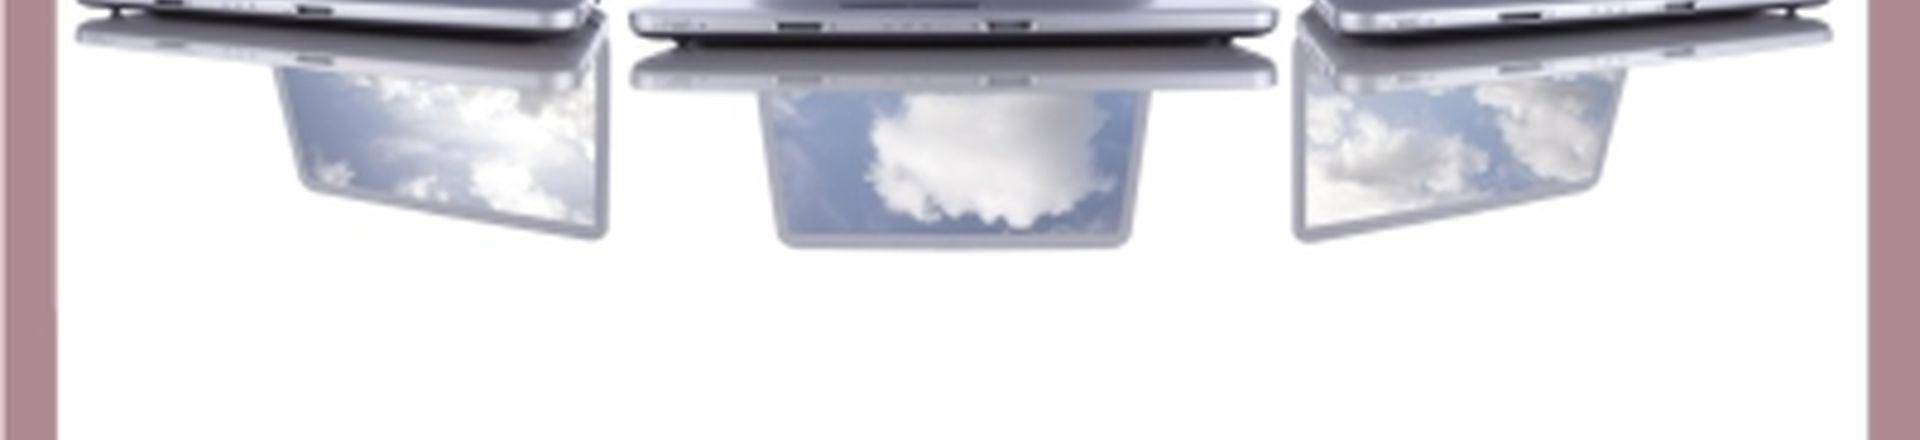 Sympozjum Cloud Computing